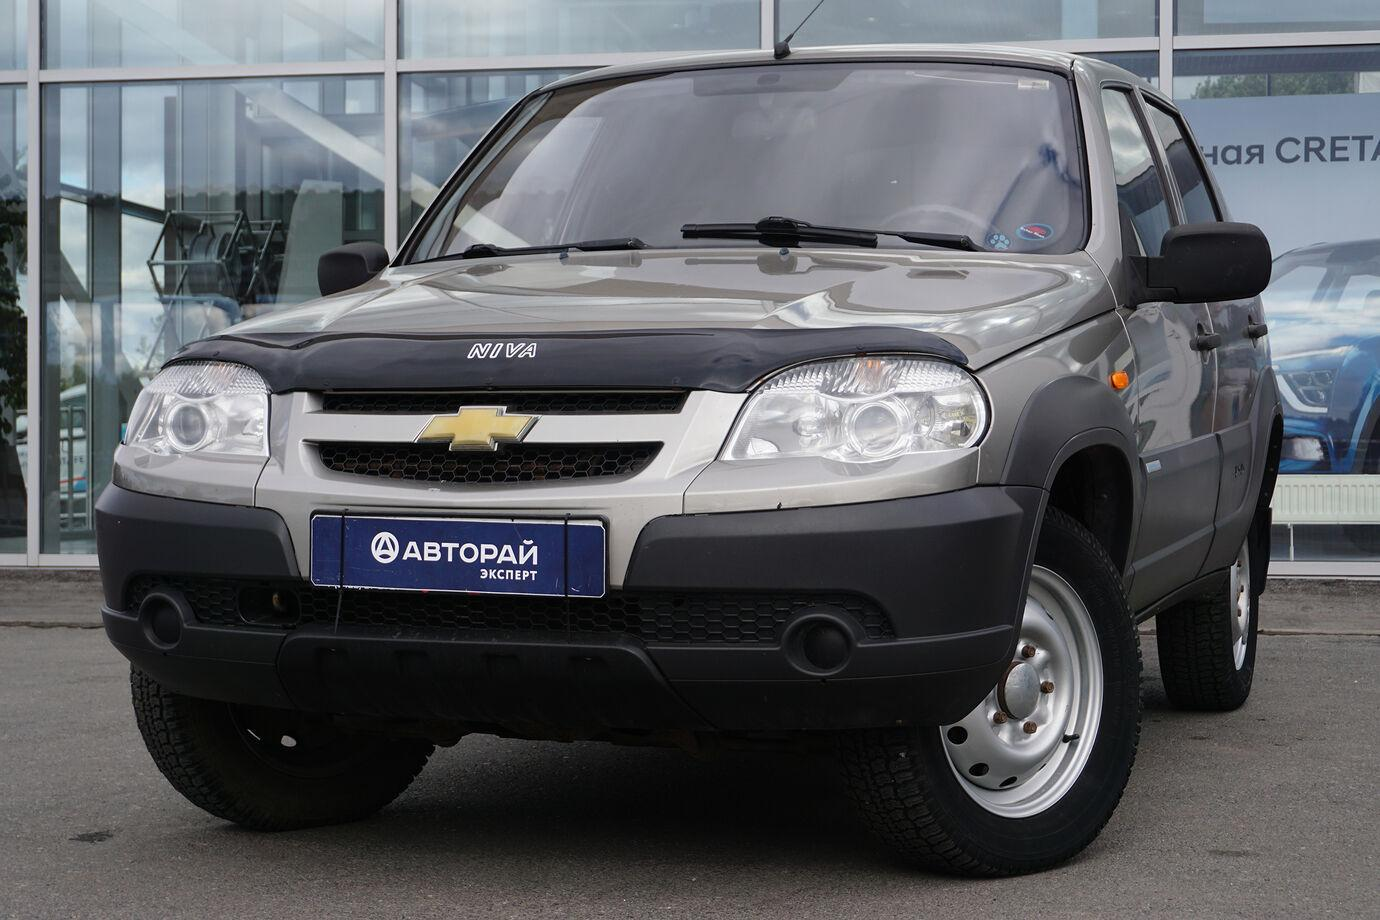 Chevrolet Niva, I Рестайлинг 2011г.